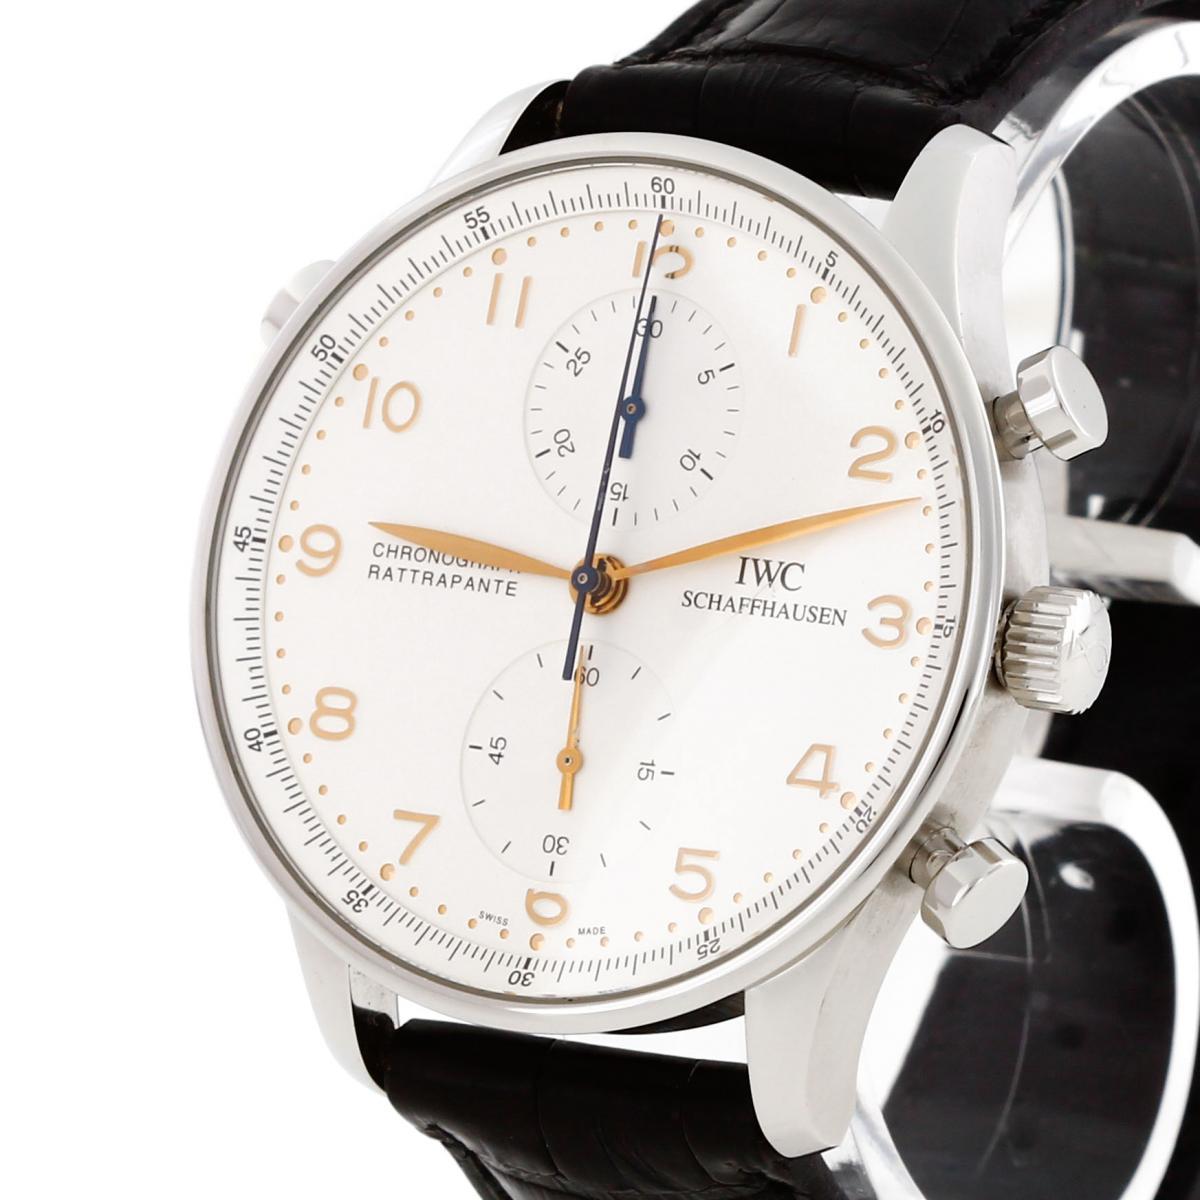 IWC Portugieser Chronograph Rattrapante Edelstahl an Lederband Ref. IW 3712